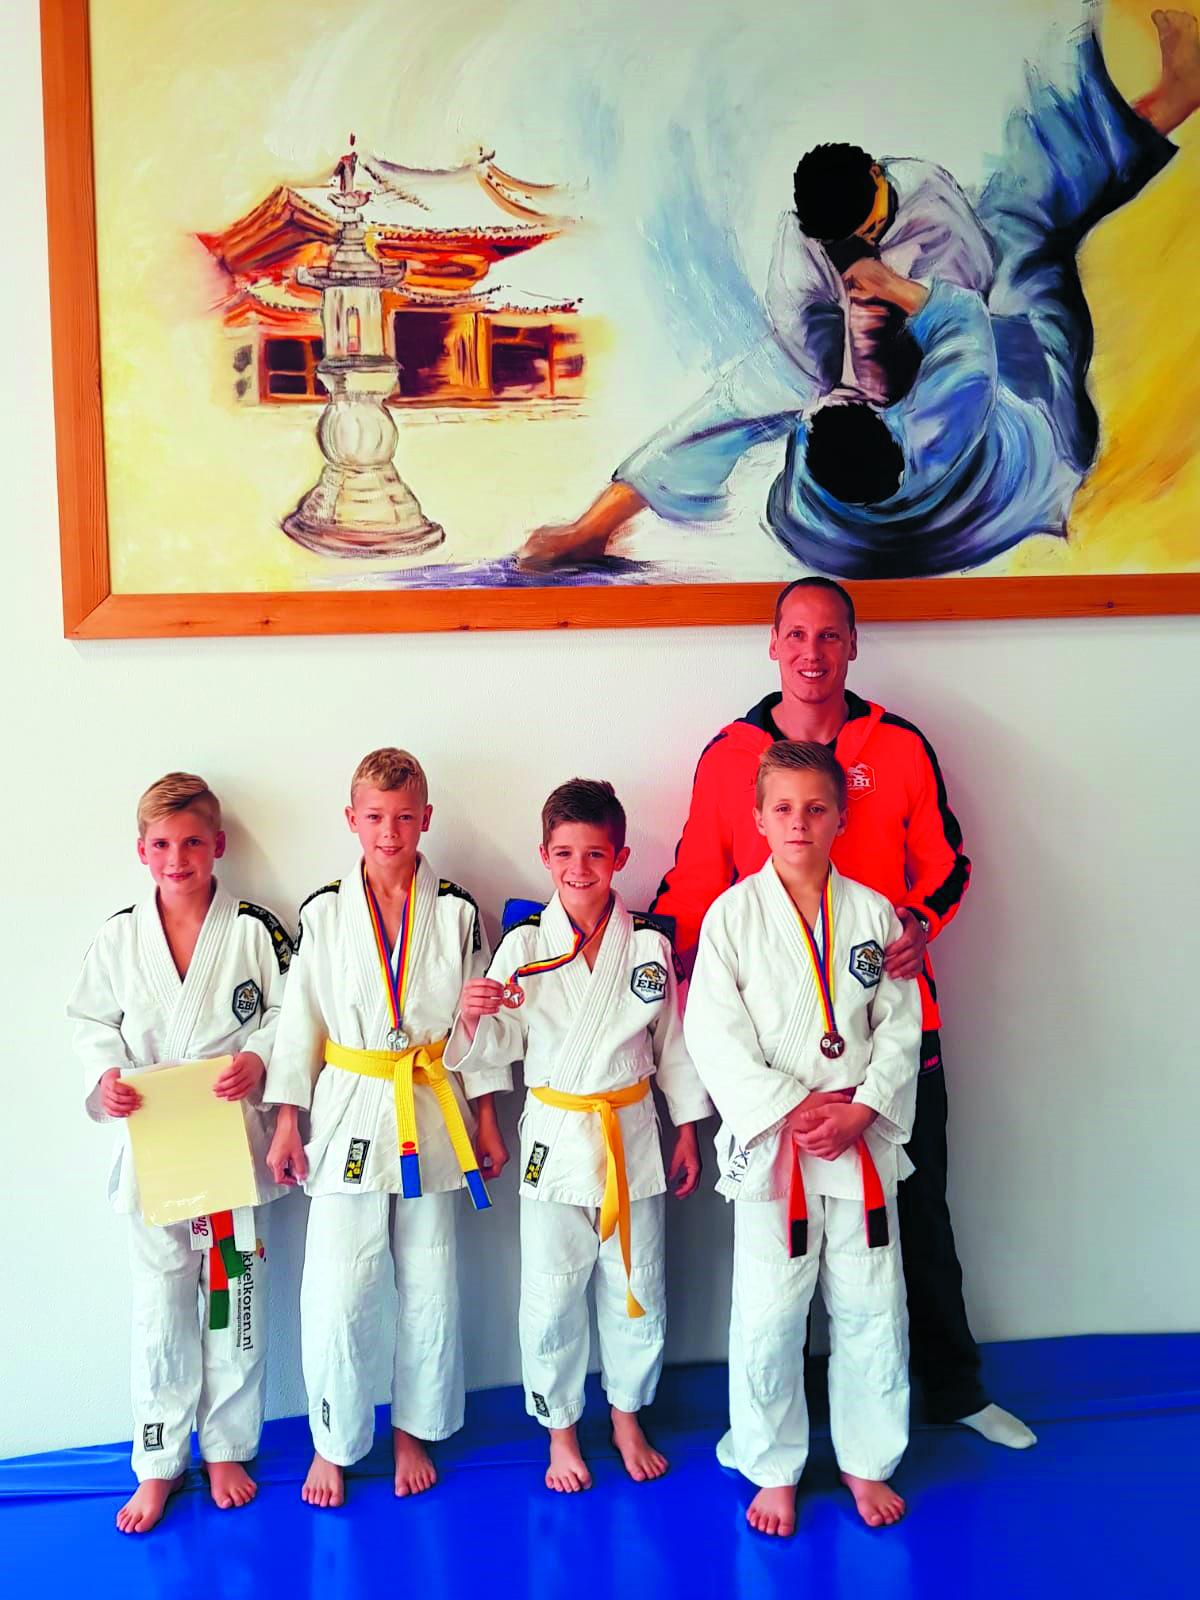 Vier judoka's EBI-Sports op het podium. (Foto: aangeleverd)